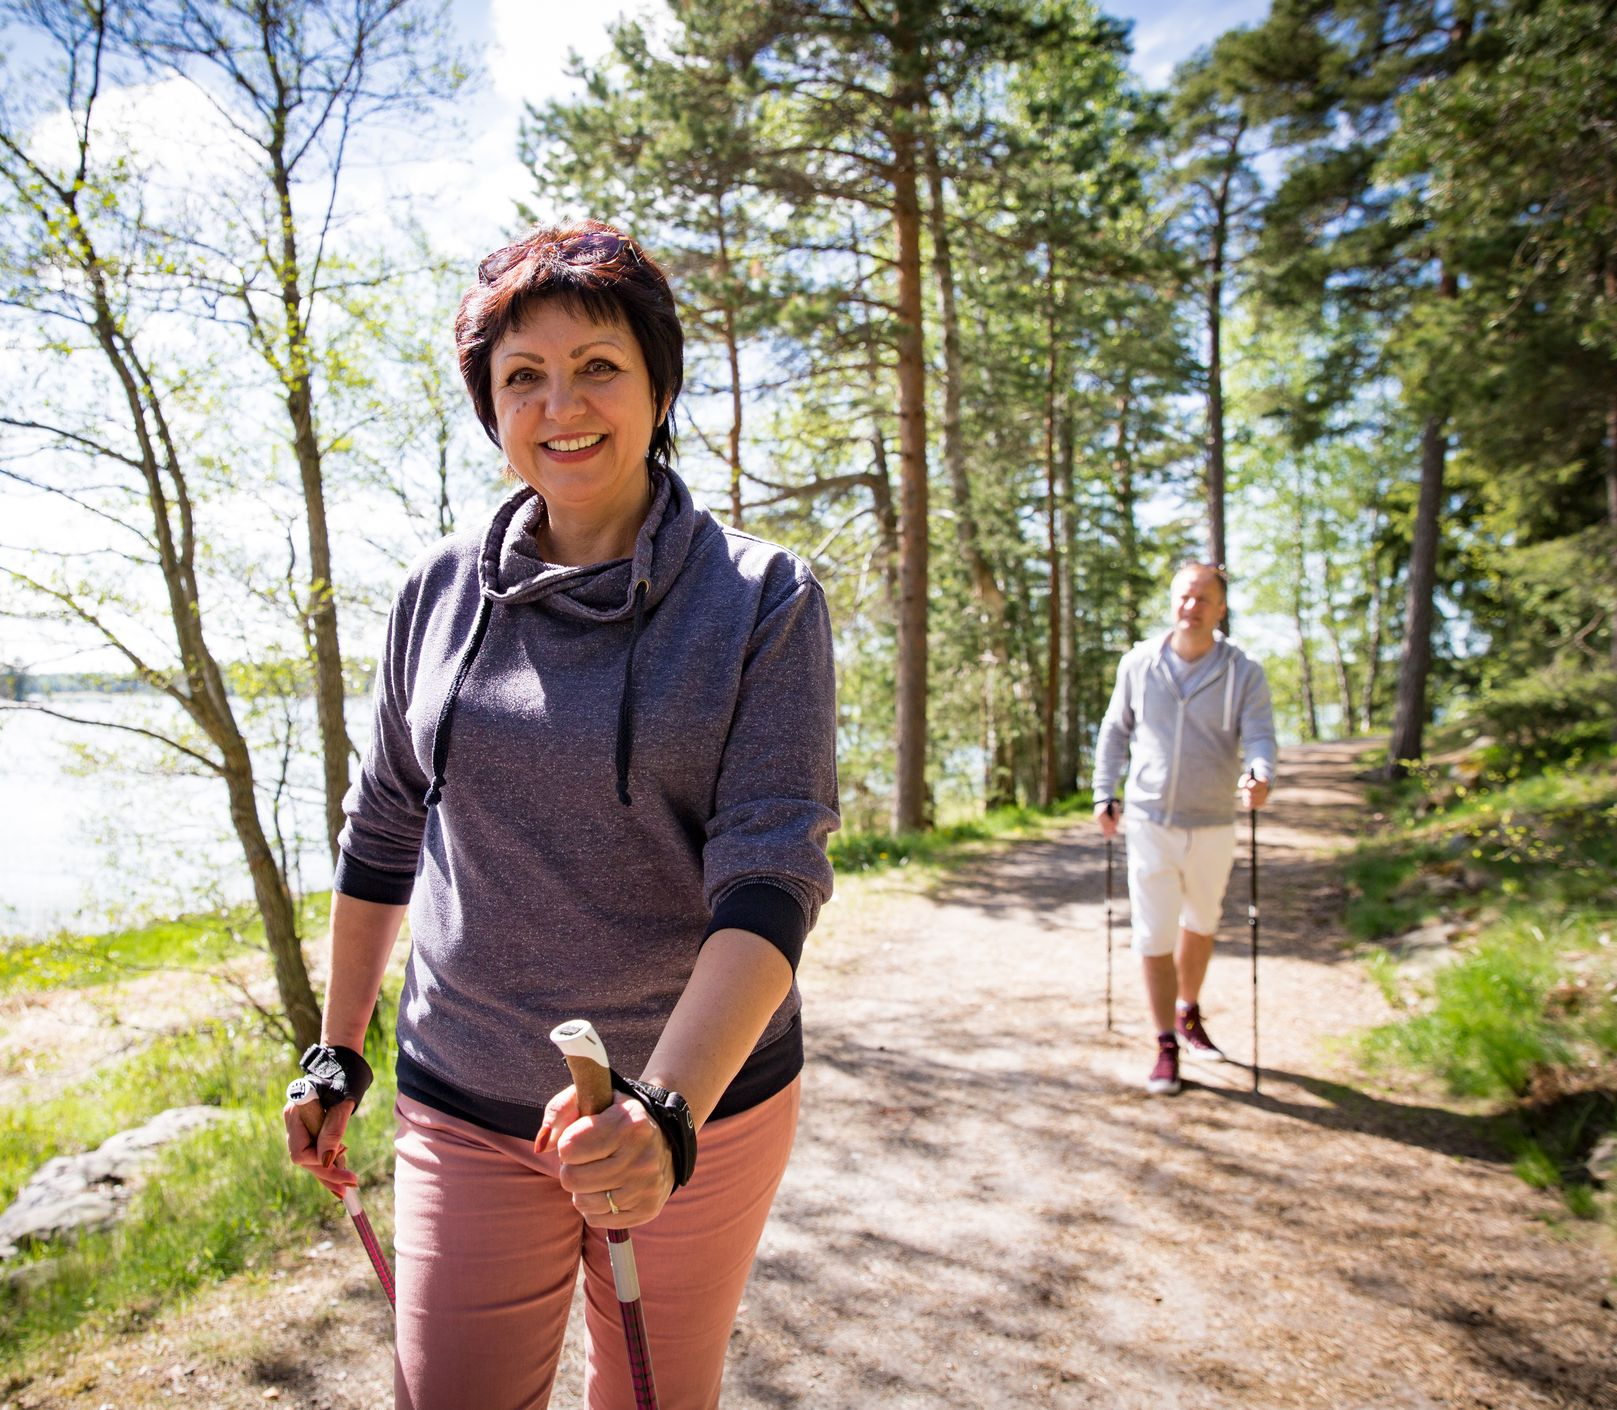 Pohyb a vek: Koľko fyzickej aktivity potrebujete, aby ste sa cítili fit?